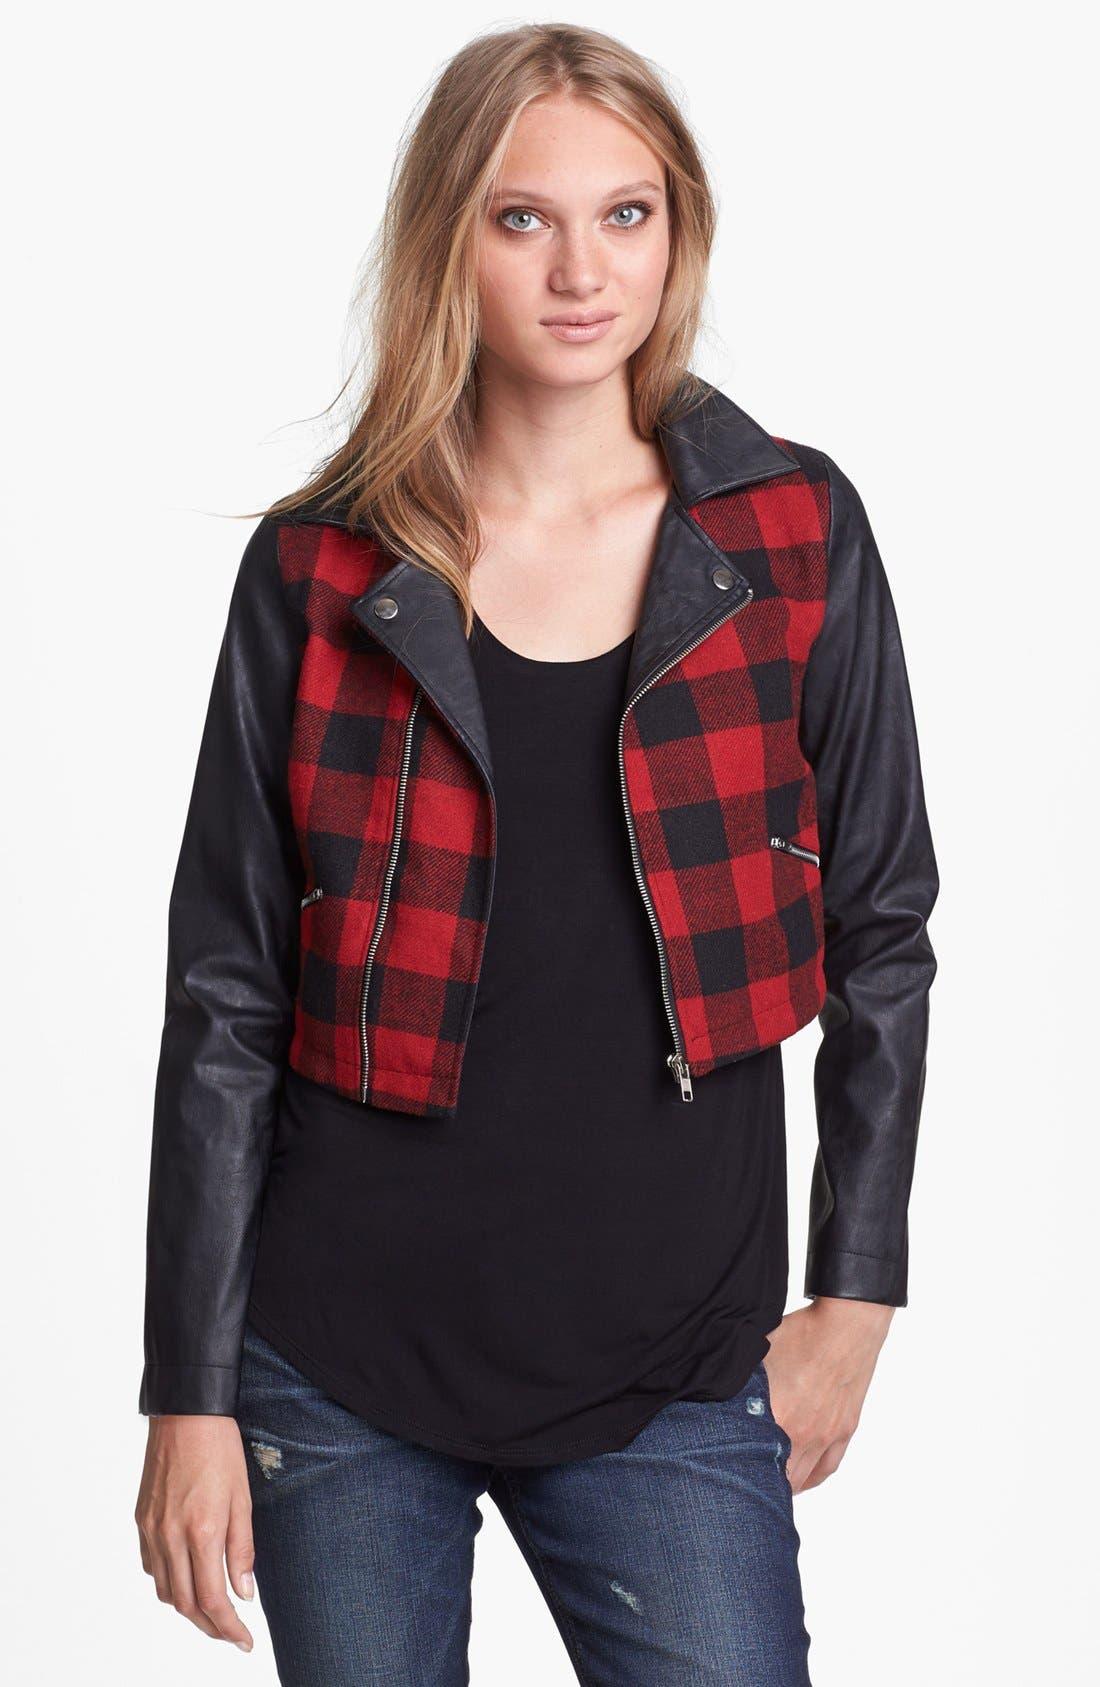 Alternate Image 1 Selected - Like Mynded Buffalo Plaid Crop Jacket